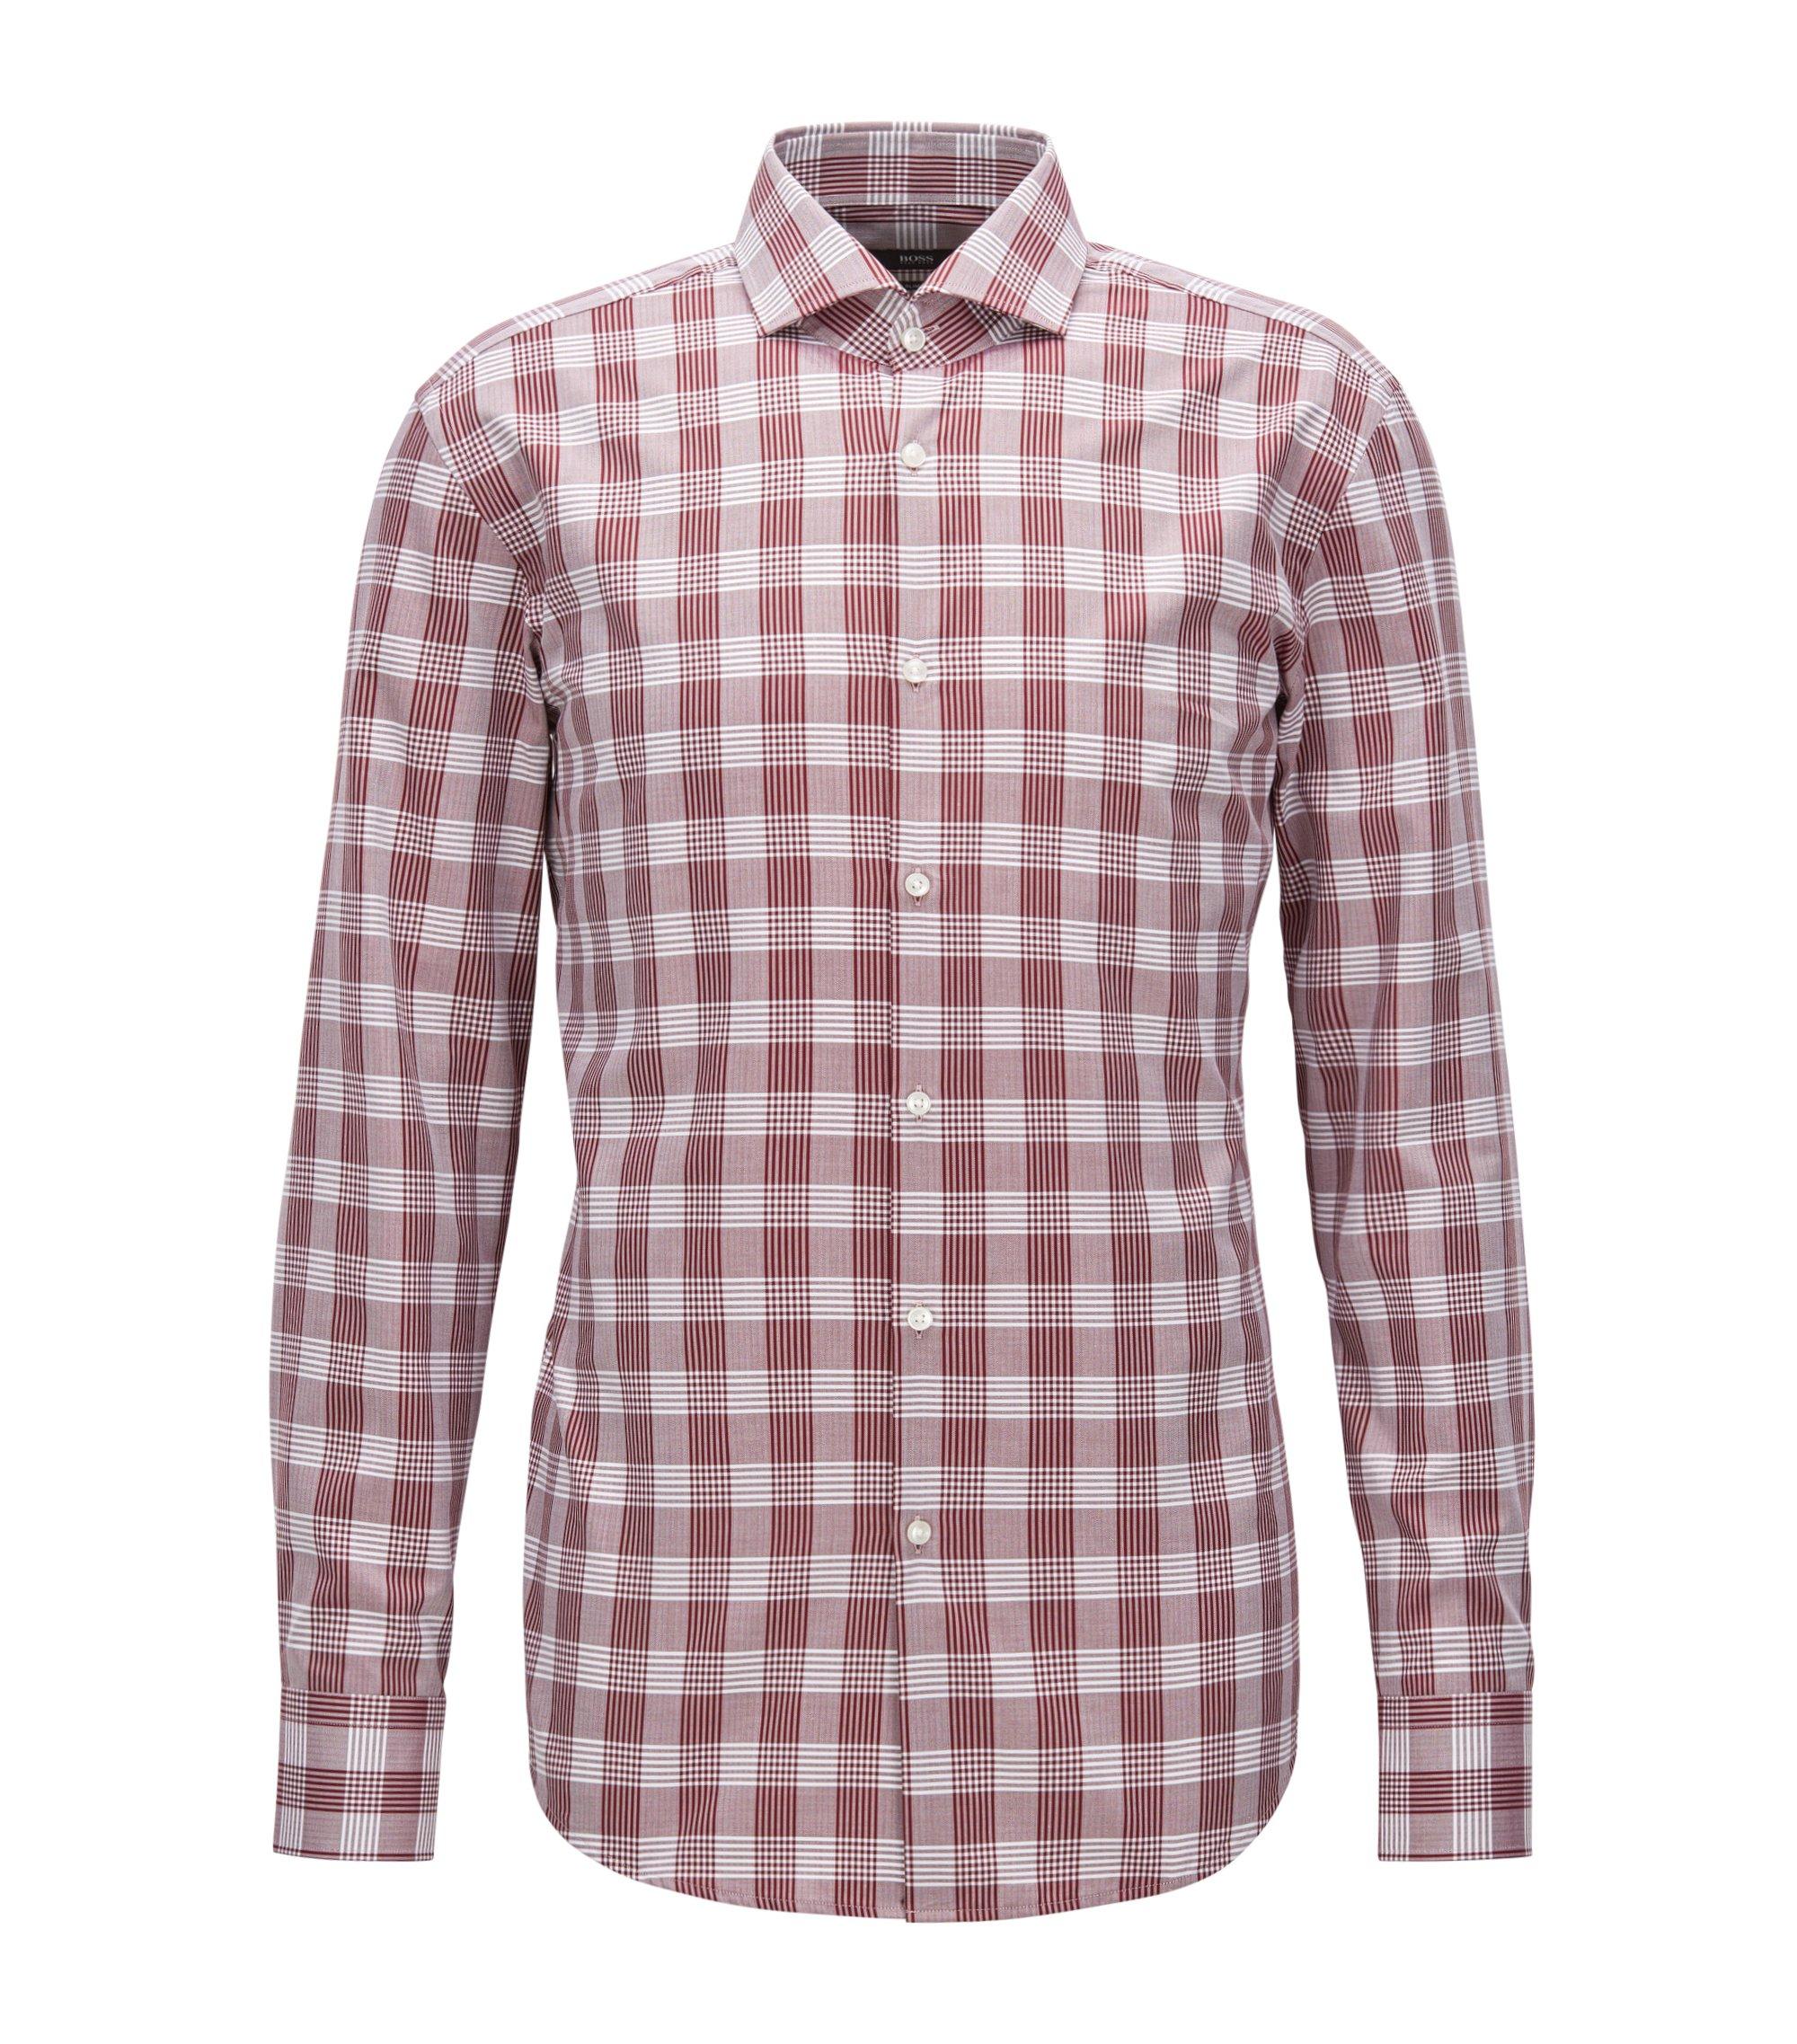 Herringbone Check Cotton Dress Shirt, Slim Fit | Jason, Dark Red